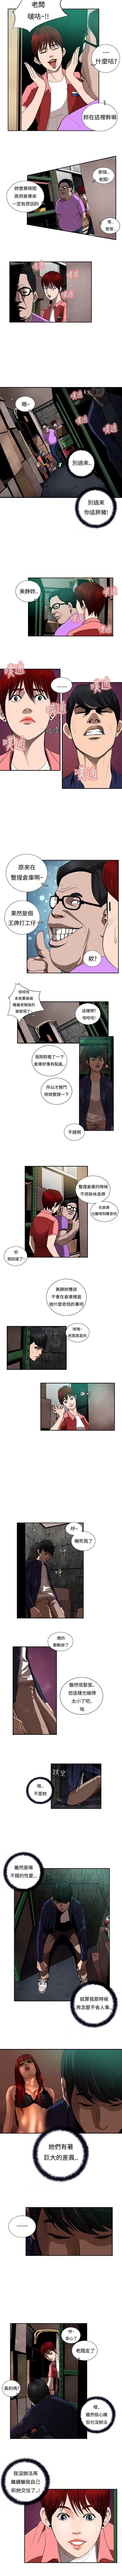 戀愛大排檔 1-16 23